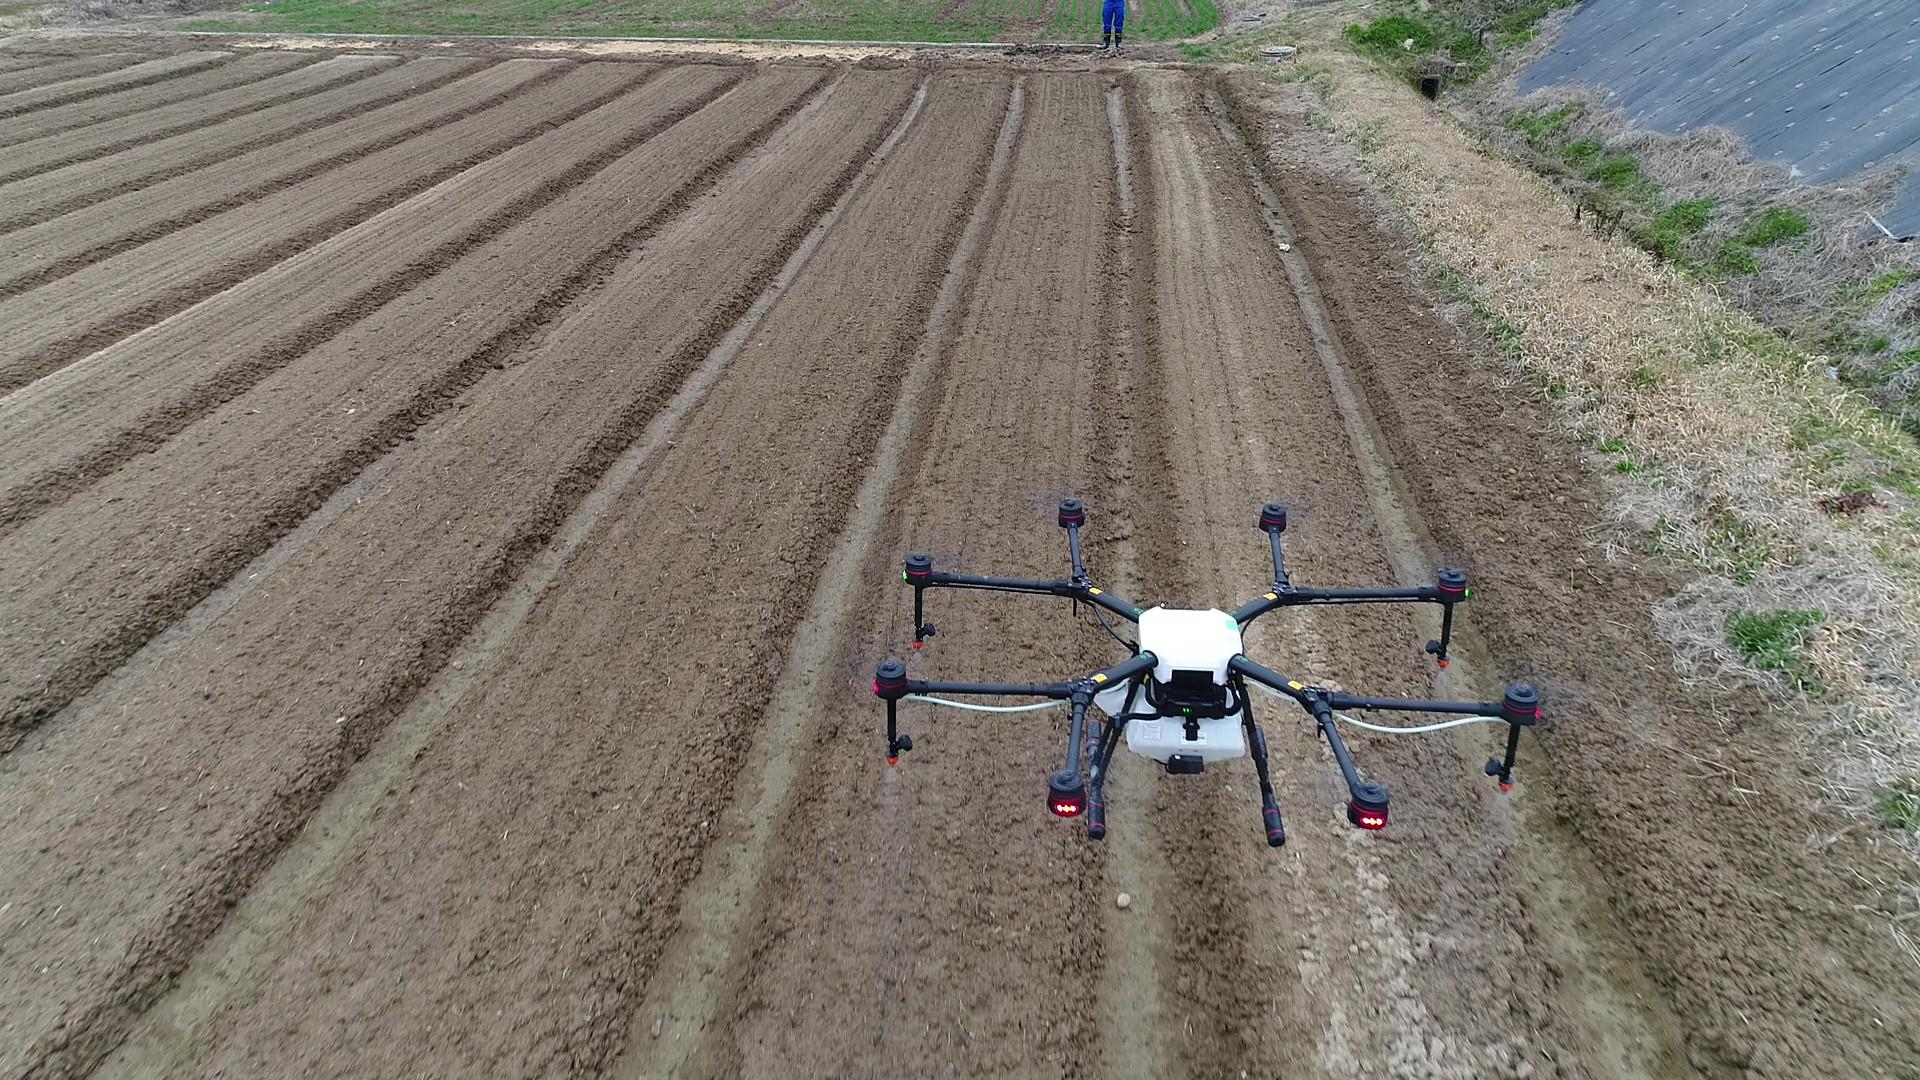 【ドローンと仕事】ドローンやAI解析を使った「スマート農業」の未来とは?